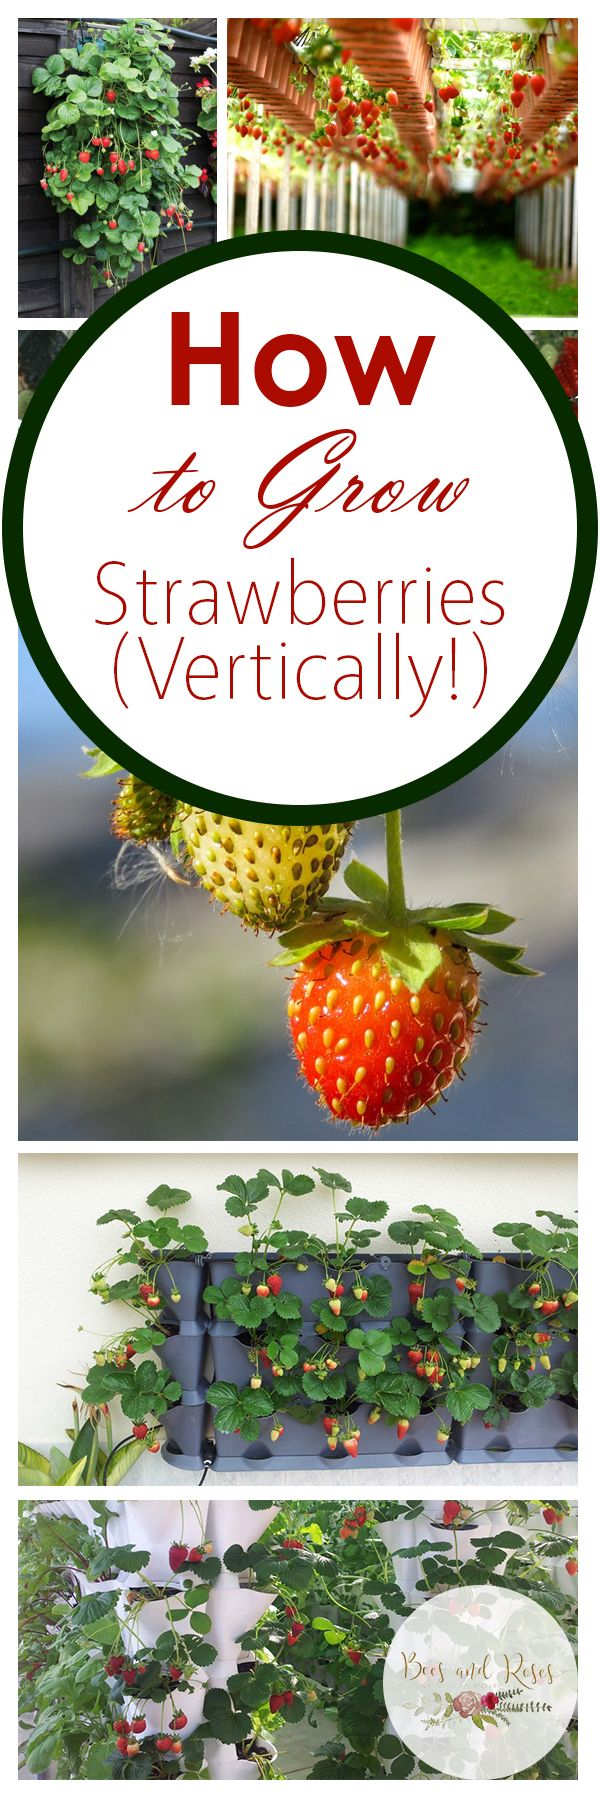 Growing strawberries in gutters diy idea - Best 20 Grow Strawberries Ideas On Pinterest How To Grow Strawberries Strawberry Plants And Strawberries Garden